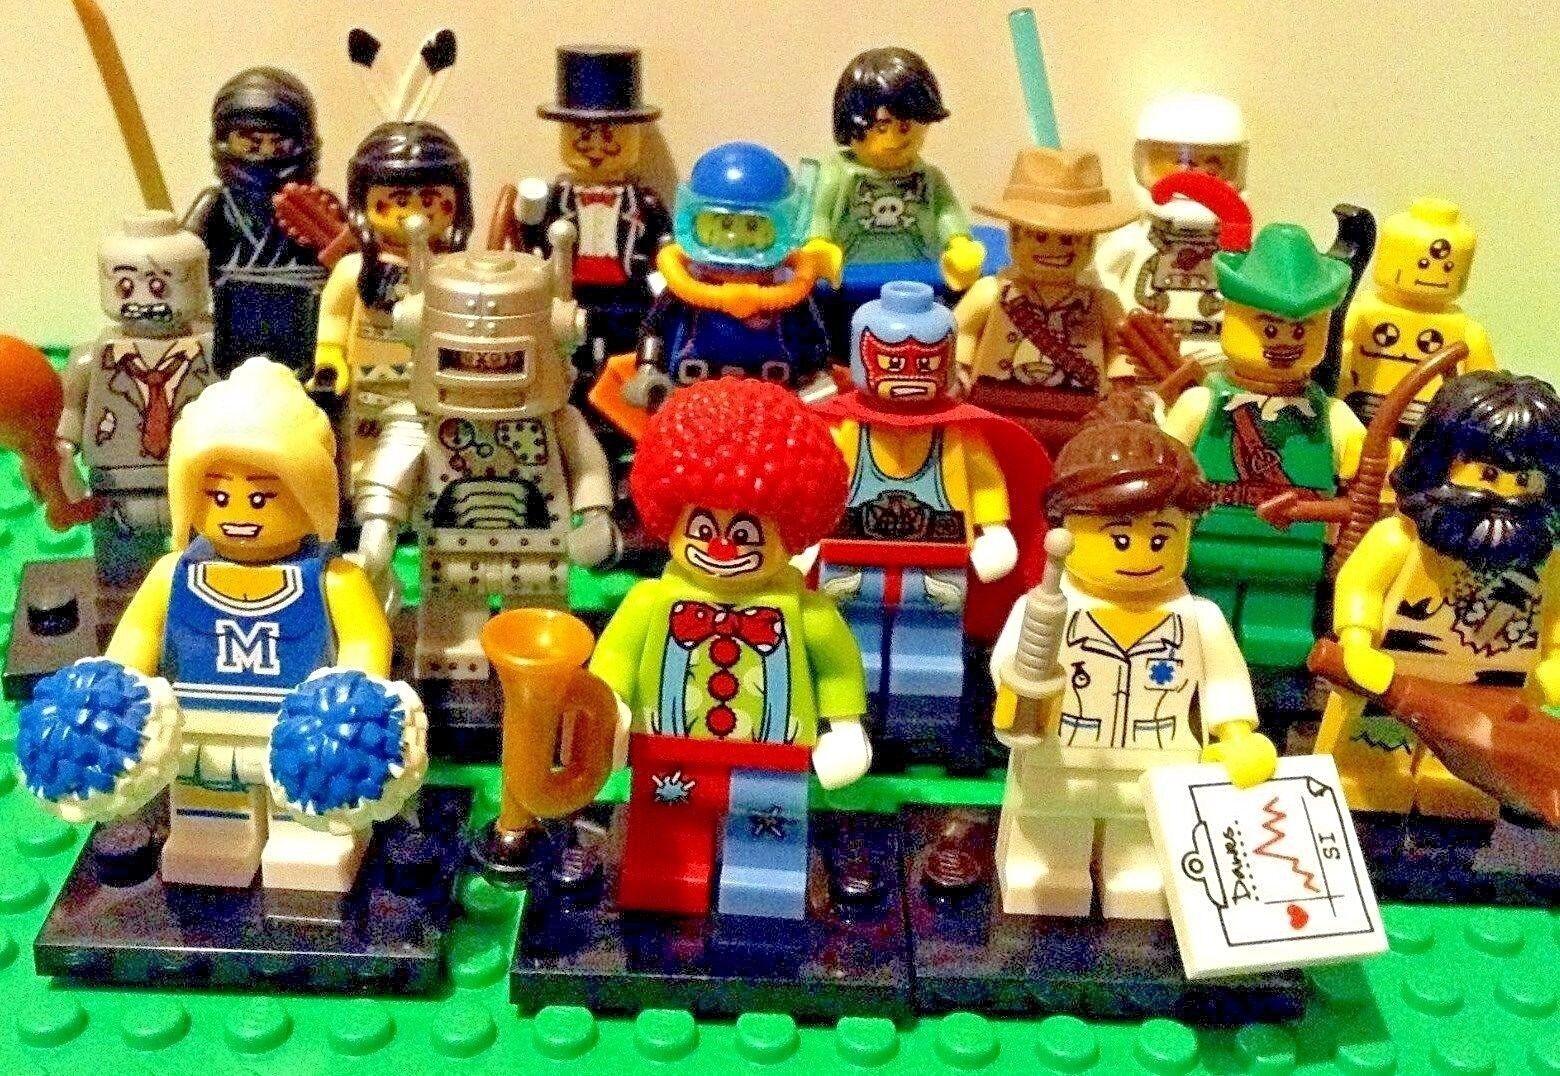 Lego Minifigures Serie 1 - 8683 Afferra il Tuo - Ottime Condizioni Infermiera